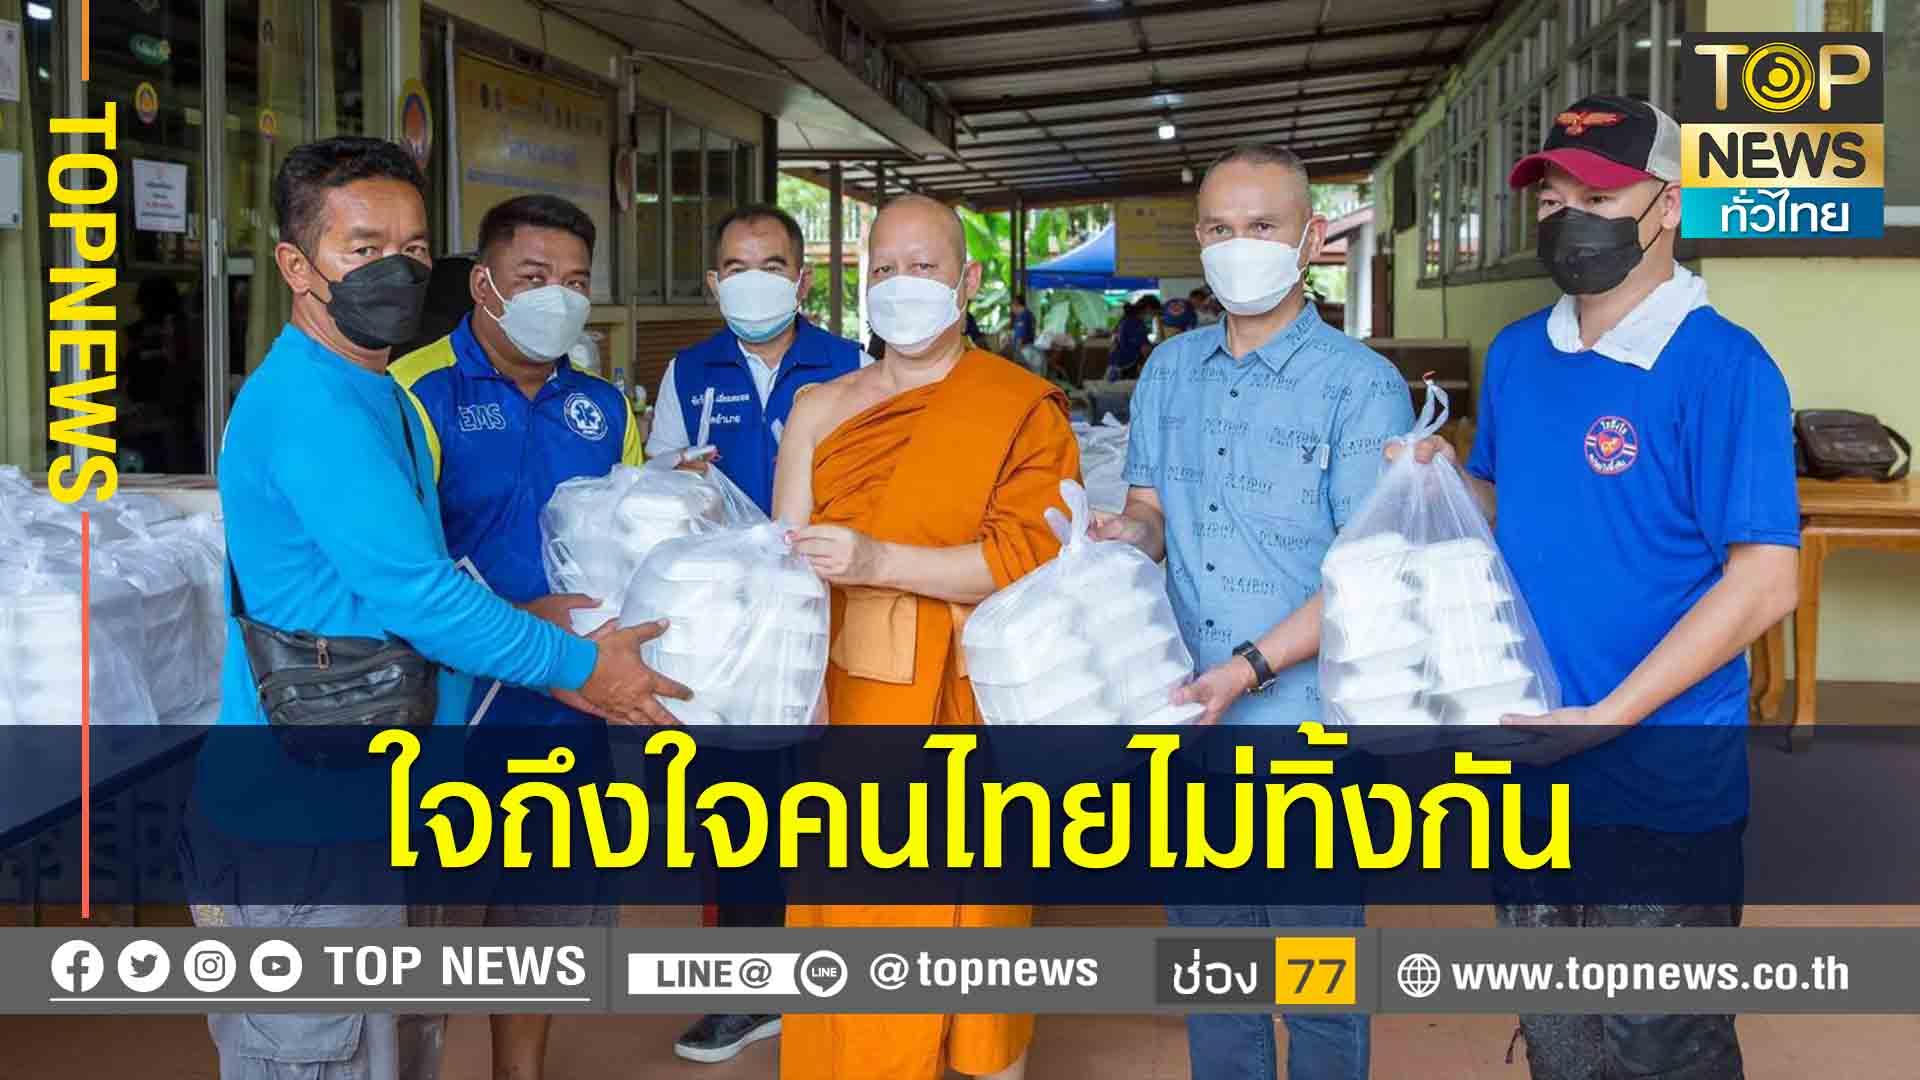 """""""เล็ก ฝันเด่น"""" นำทีม """"กลุ่มใจถึงใจคนไทยไม่ทิ้งกัน"""" จัดทำข้าวกล่องแจกจ่ายปชช.ในพื้นที่ นครนายก-ปราจีนบุรี (มีคลิป)"""